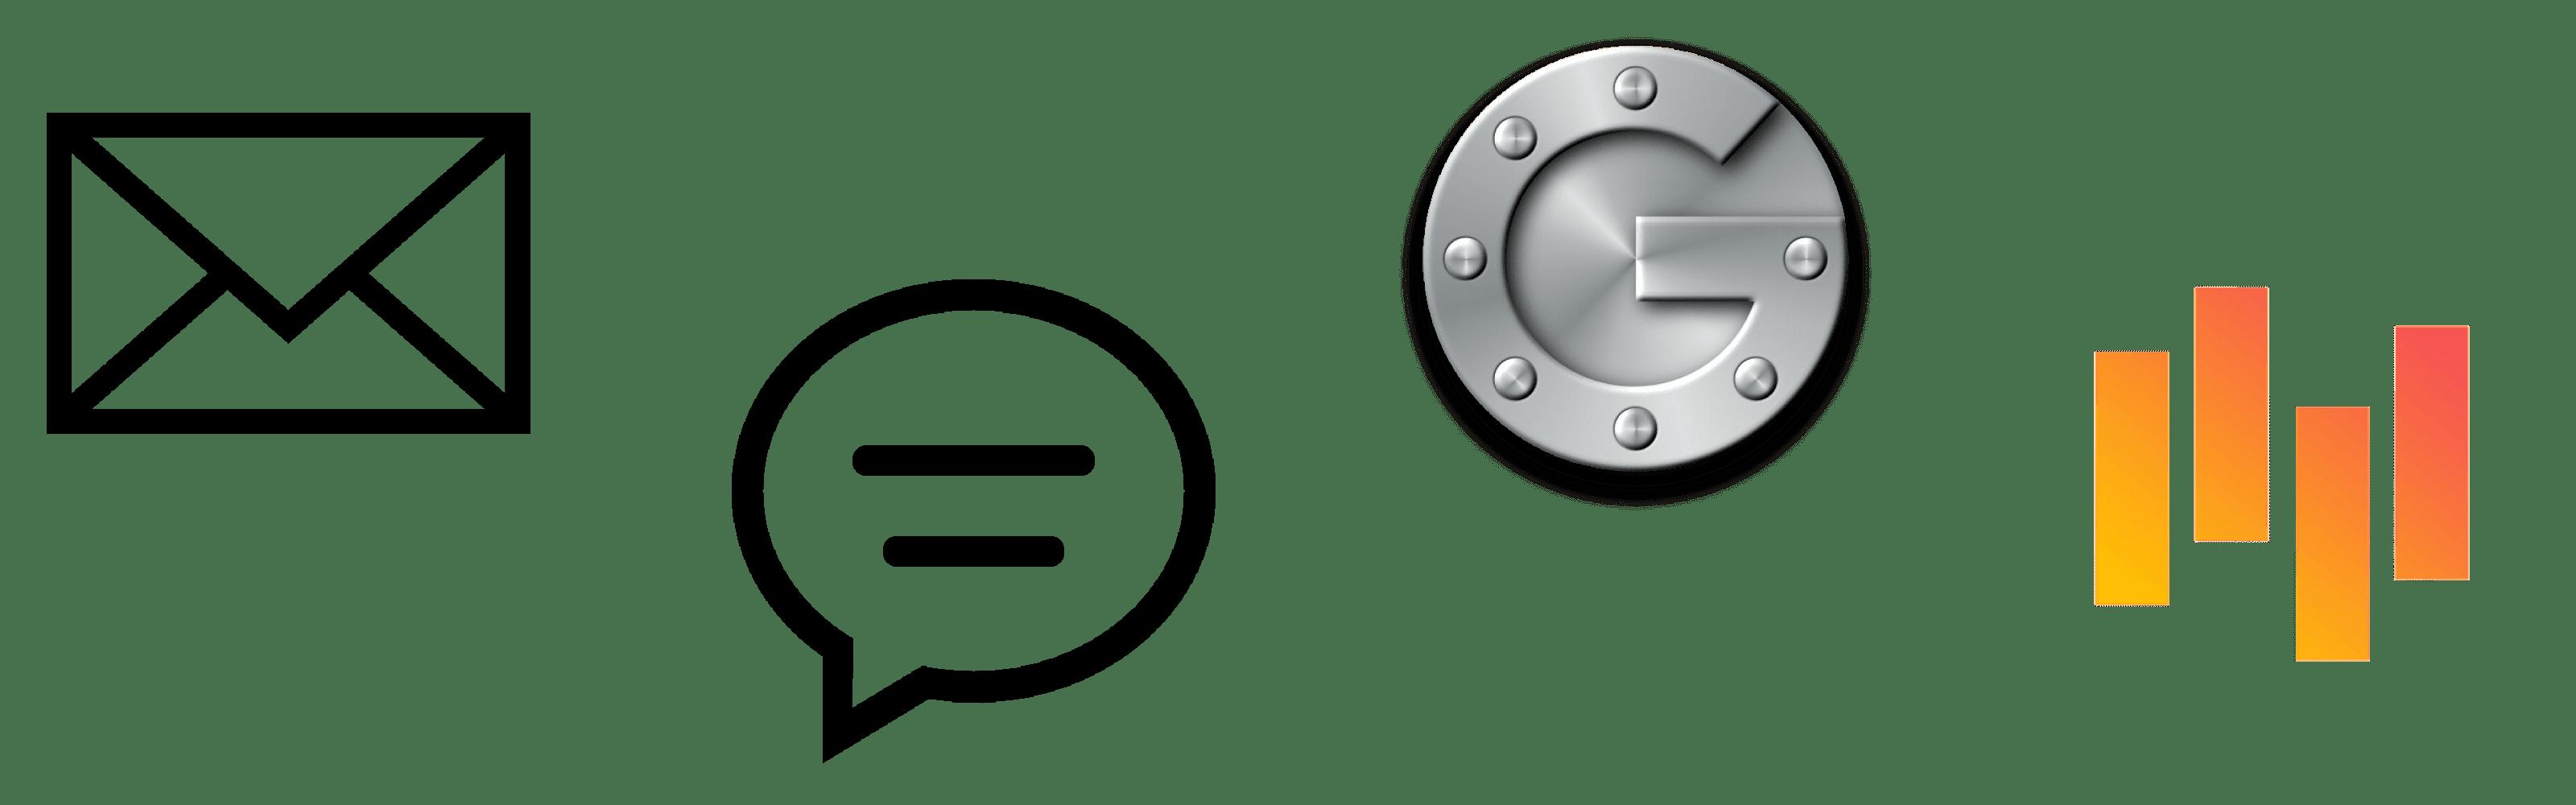 El último método de autenticación en dos pasos